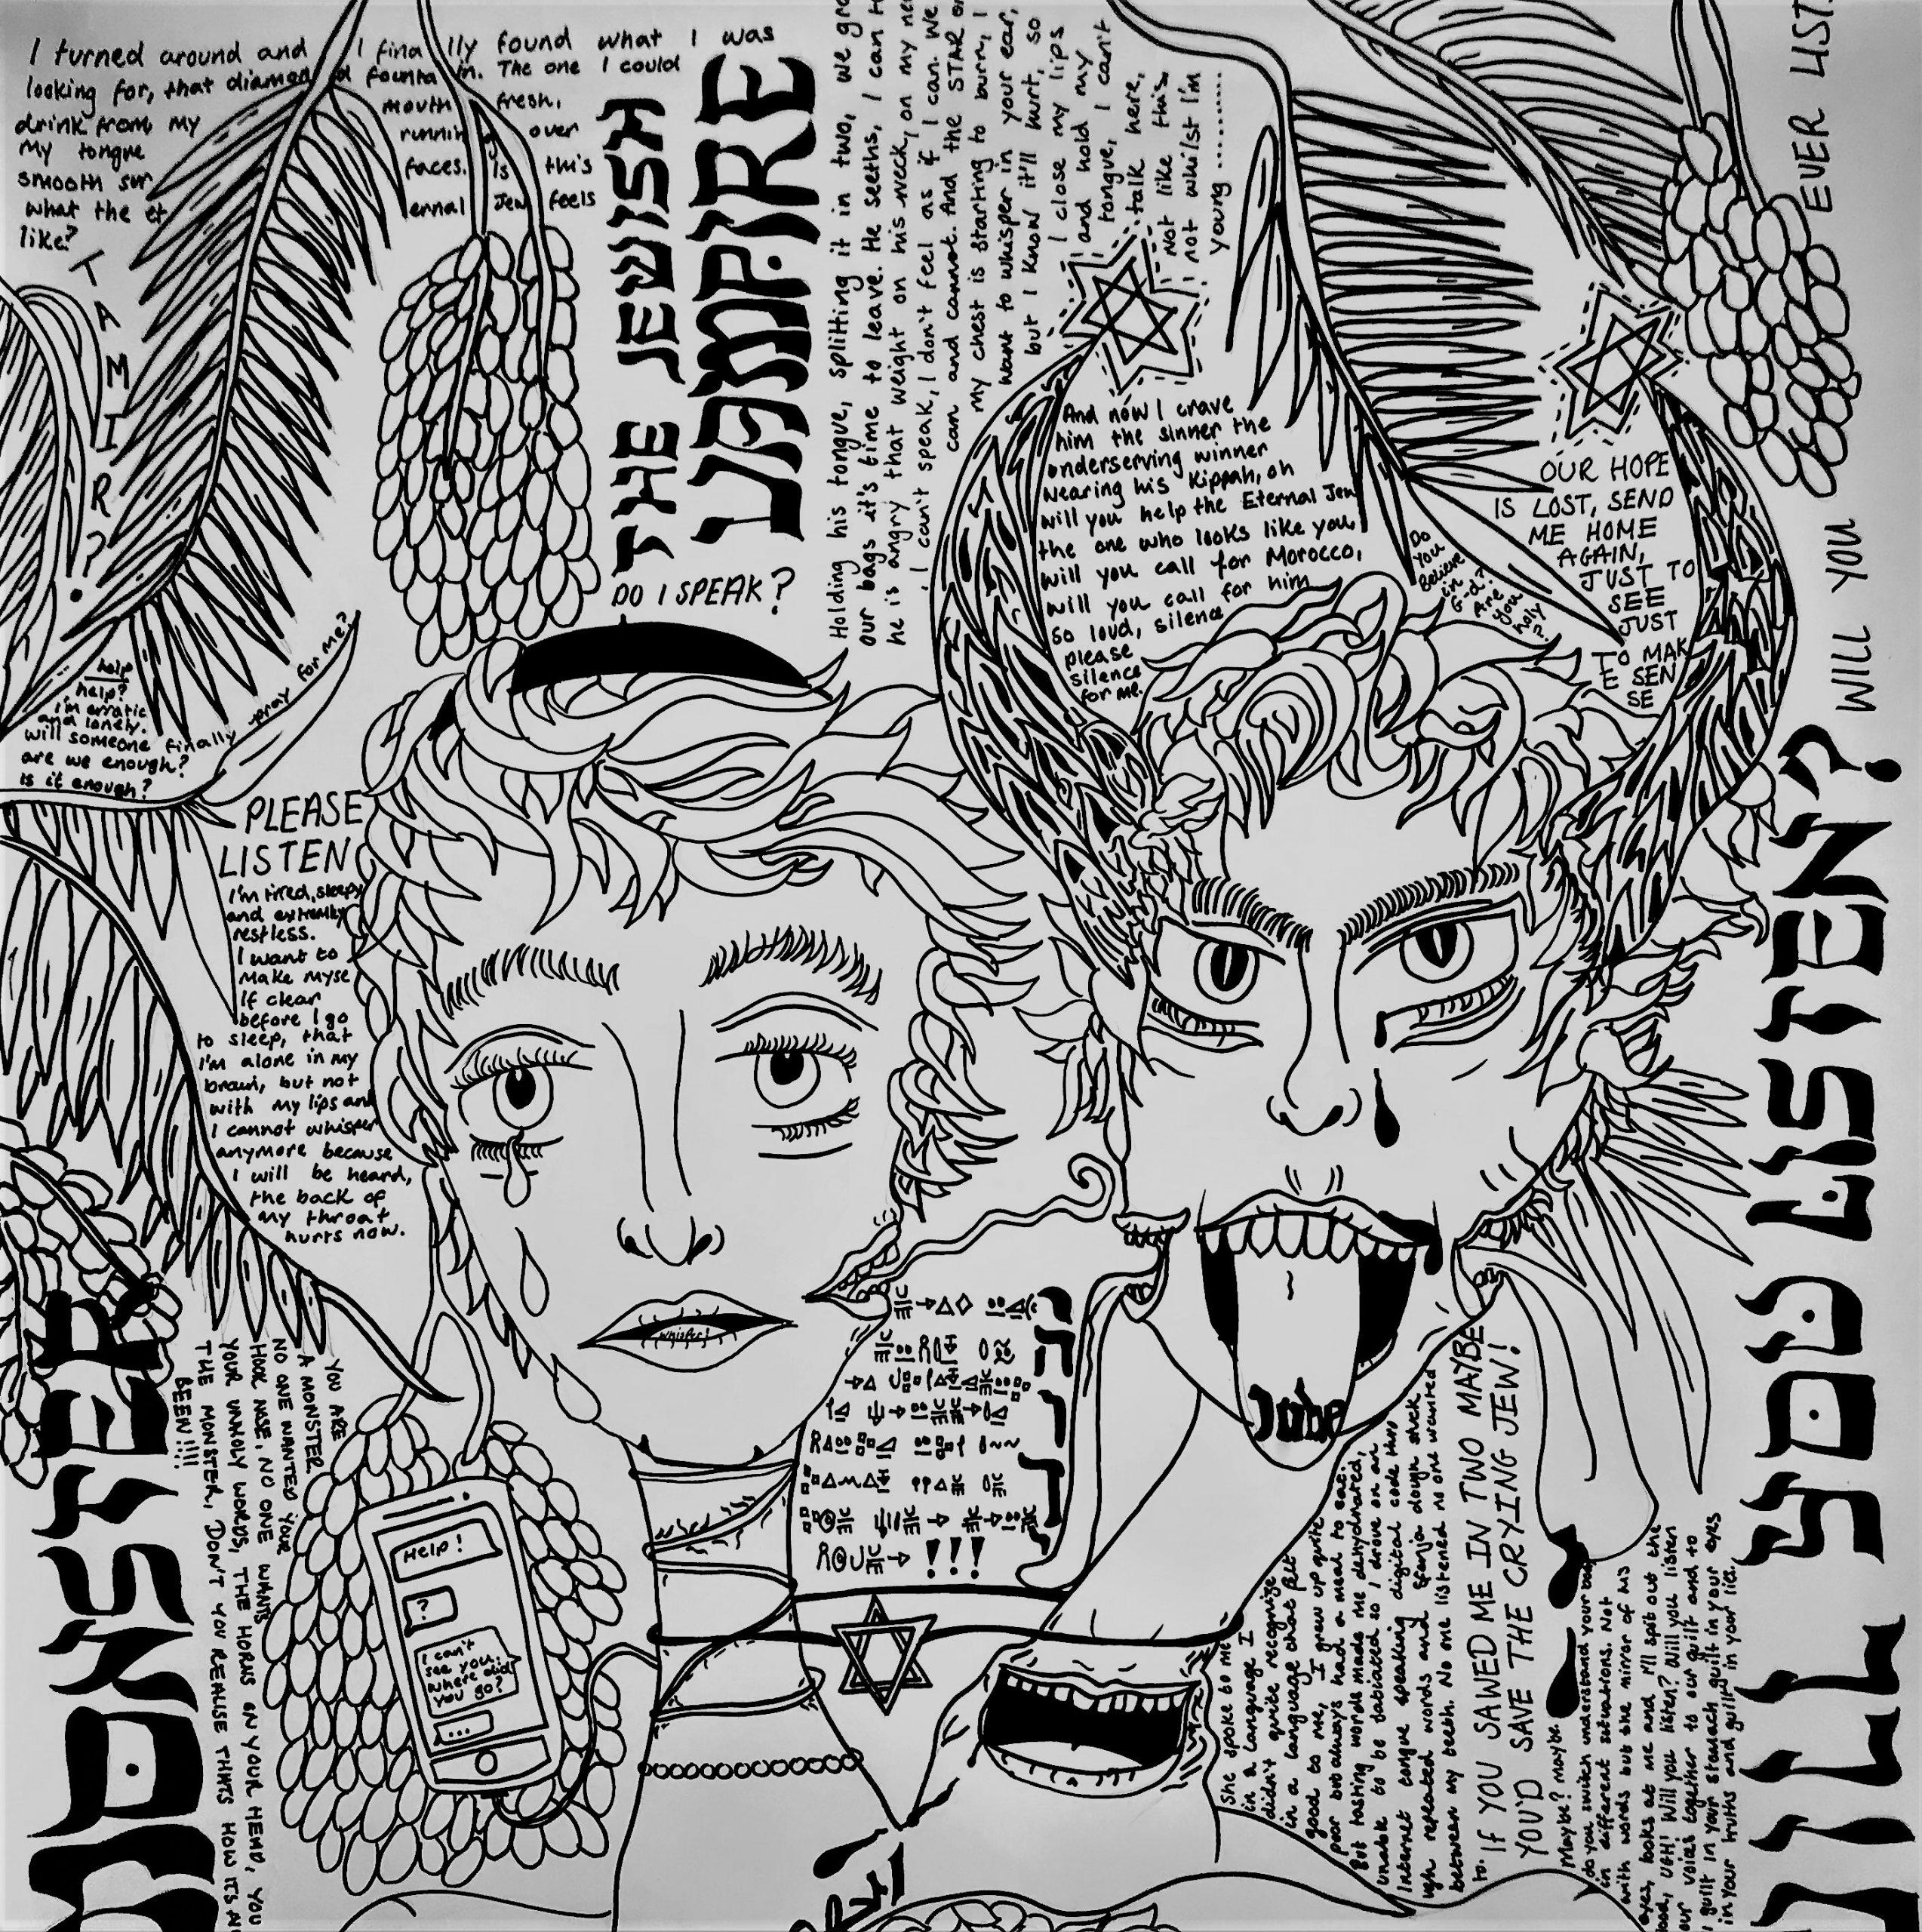 Tamir Amar Pettet, Jew Boy, 186cm x 84cm, Paint Pen on Paper, October 2019 (detail)